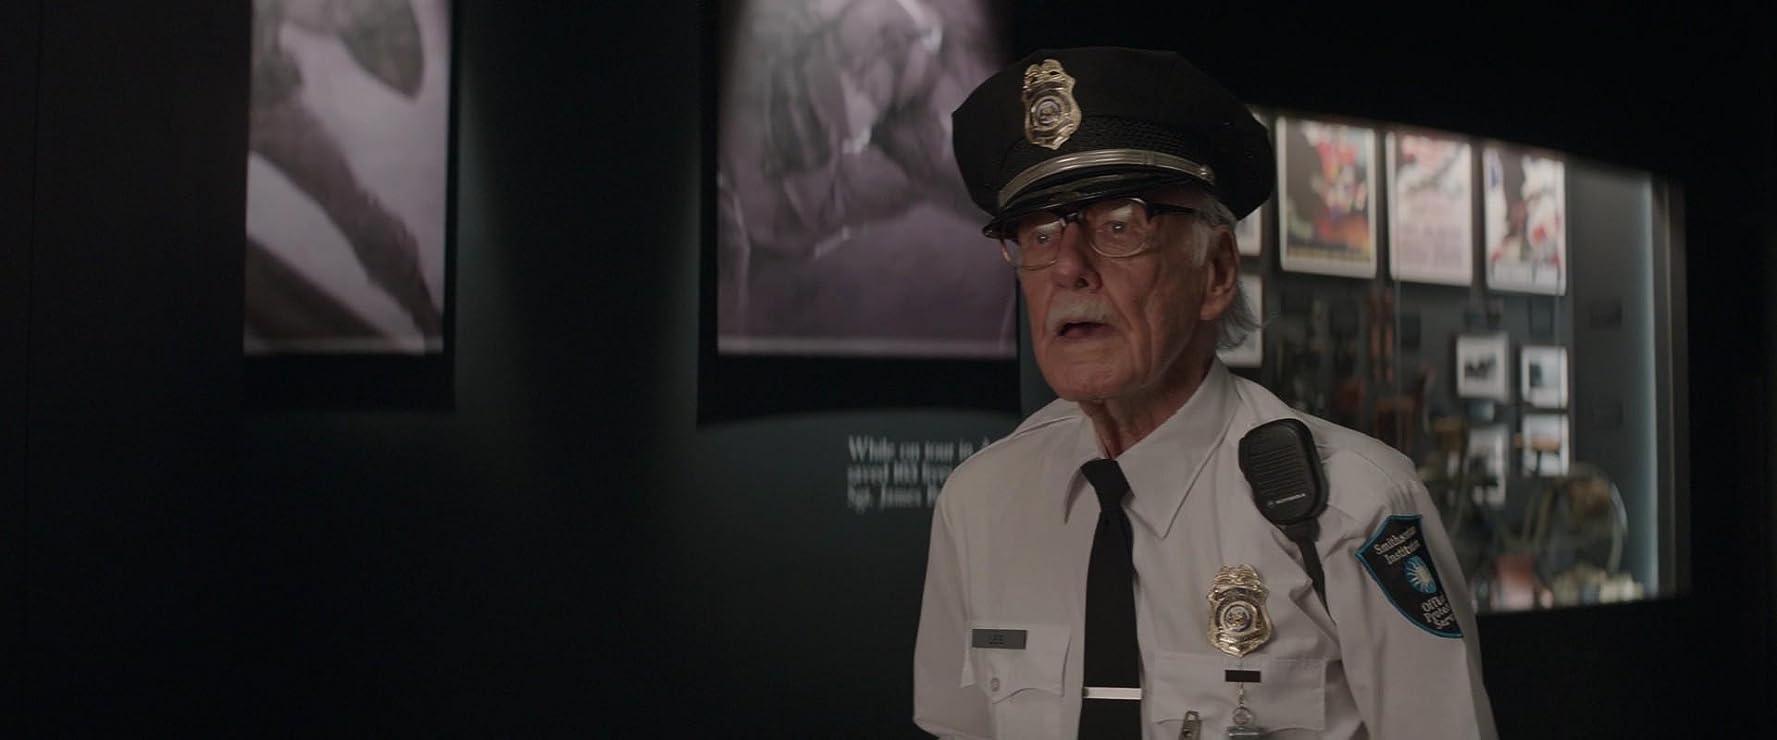 Stan Lee, penulis karakter-karakter Marvel Comics selalu muncul dalam film-film Marvel sebagai cameo.